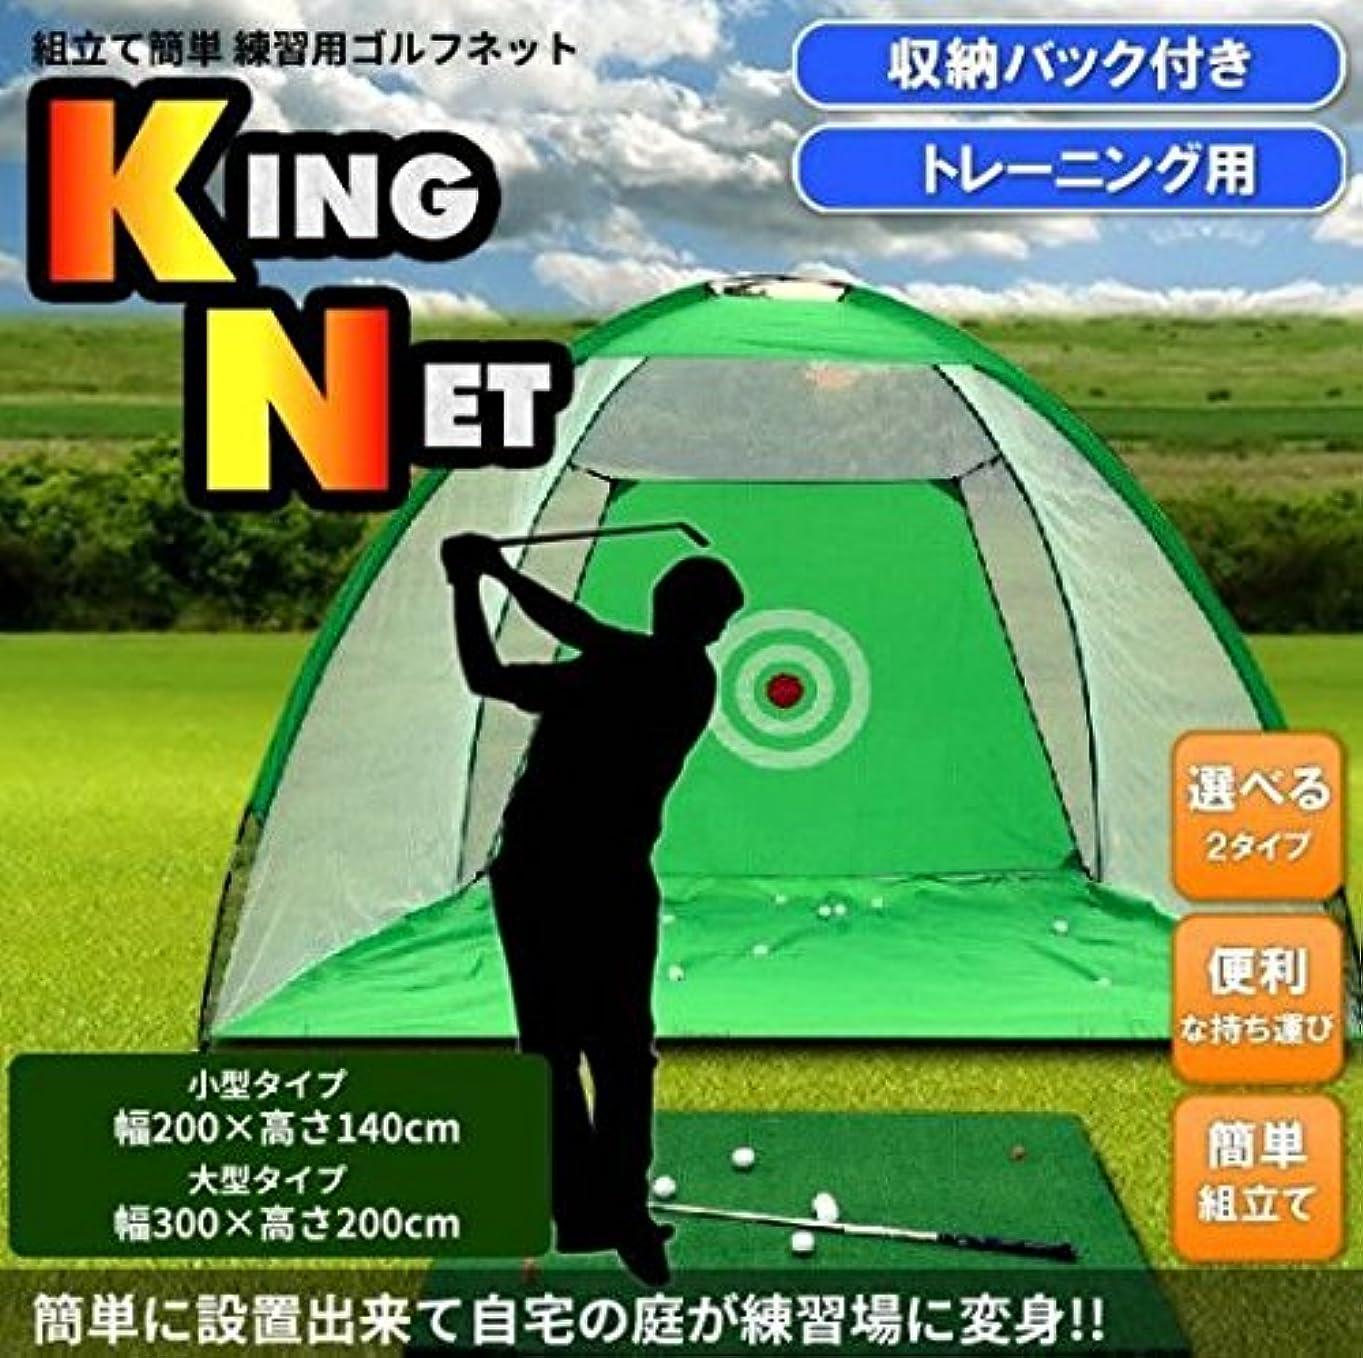 キャリア潮不条理自宅の庭で練習を楽しめる ゴルフネット 収納袋付き ゴルフ練習ネット 【大型タイプ】